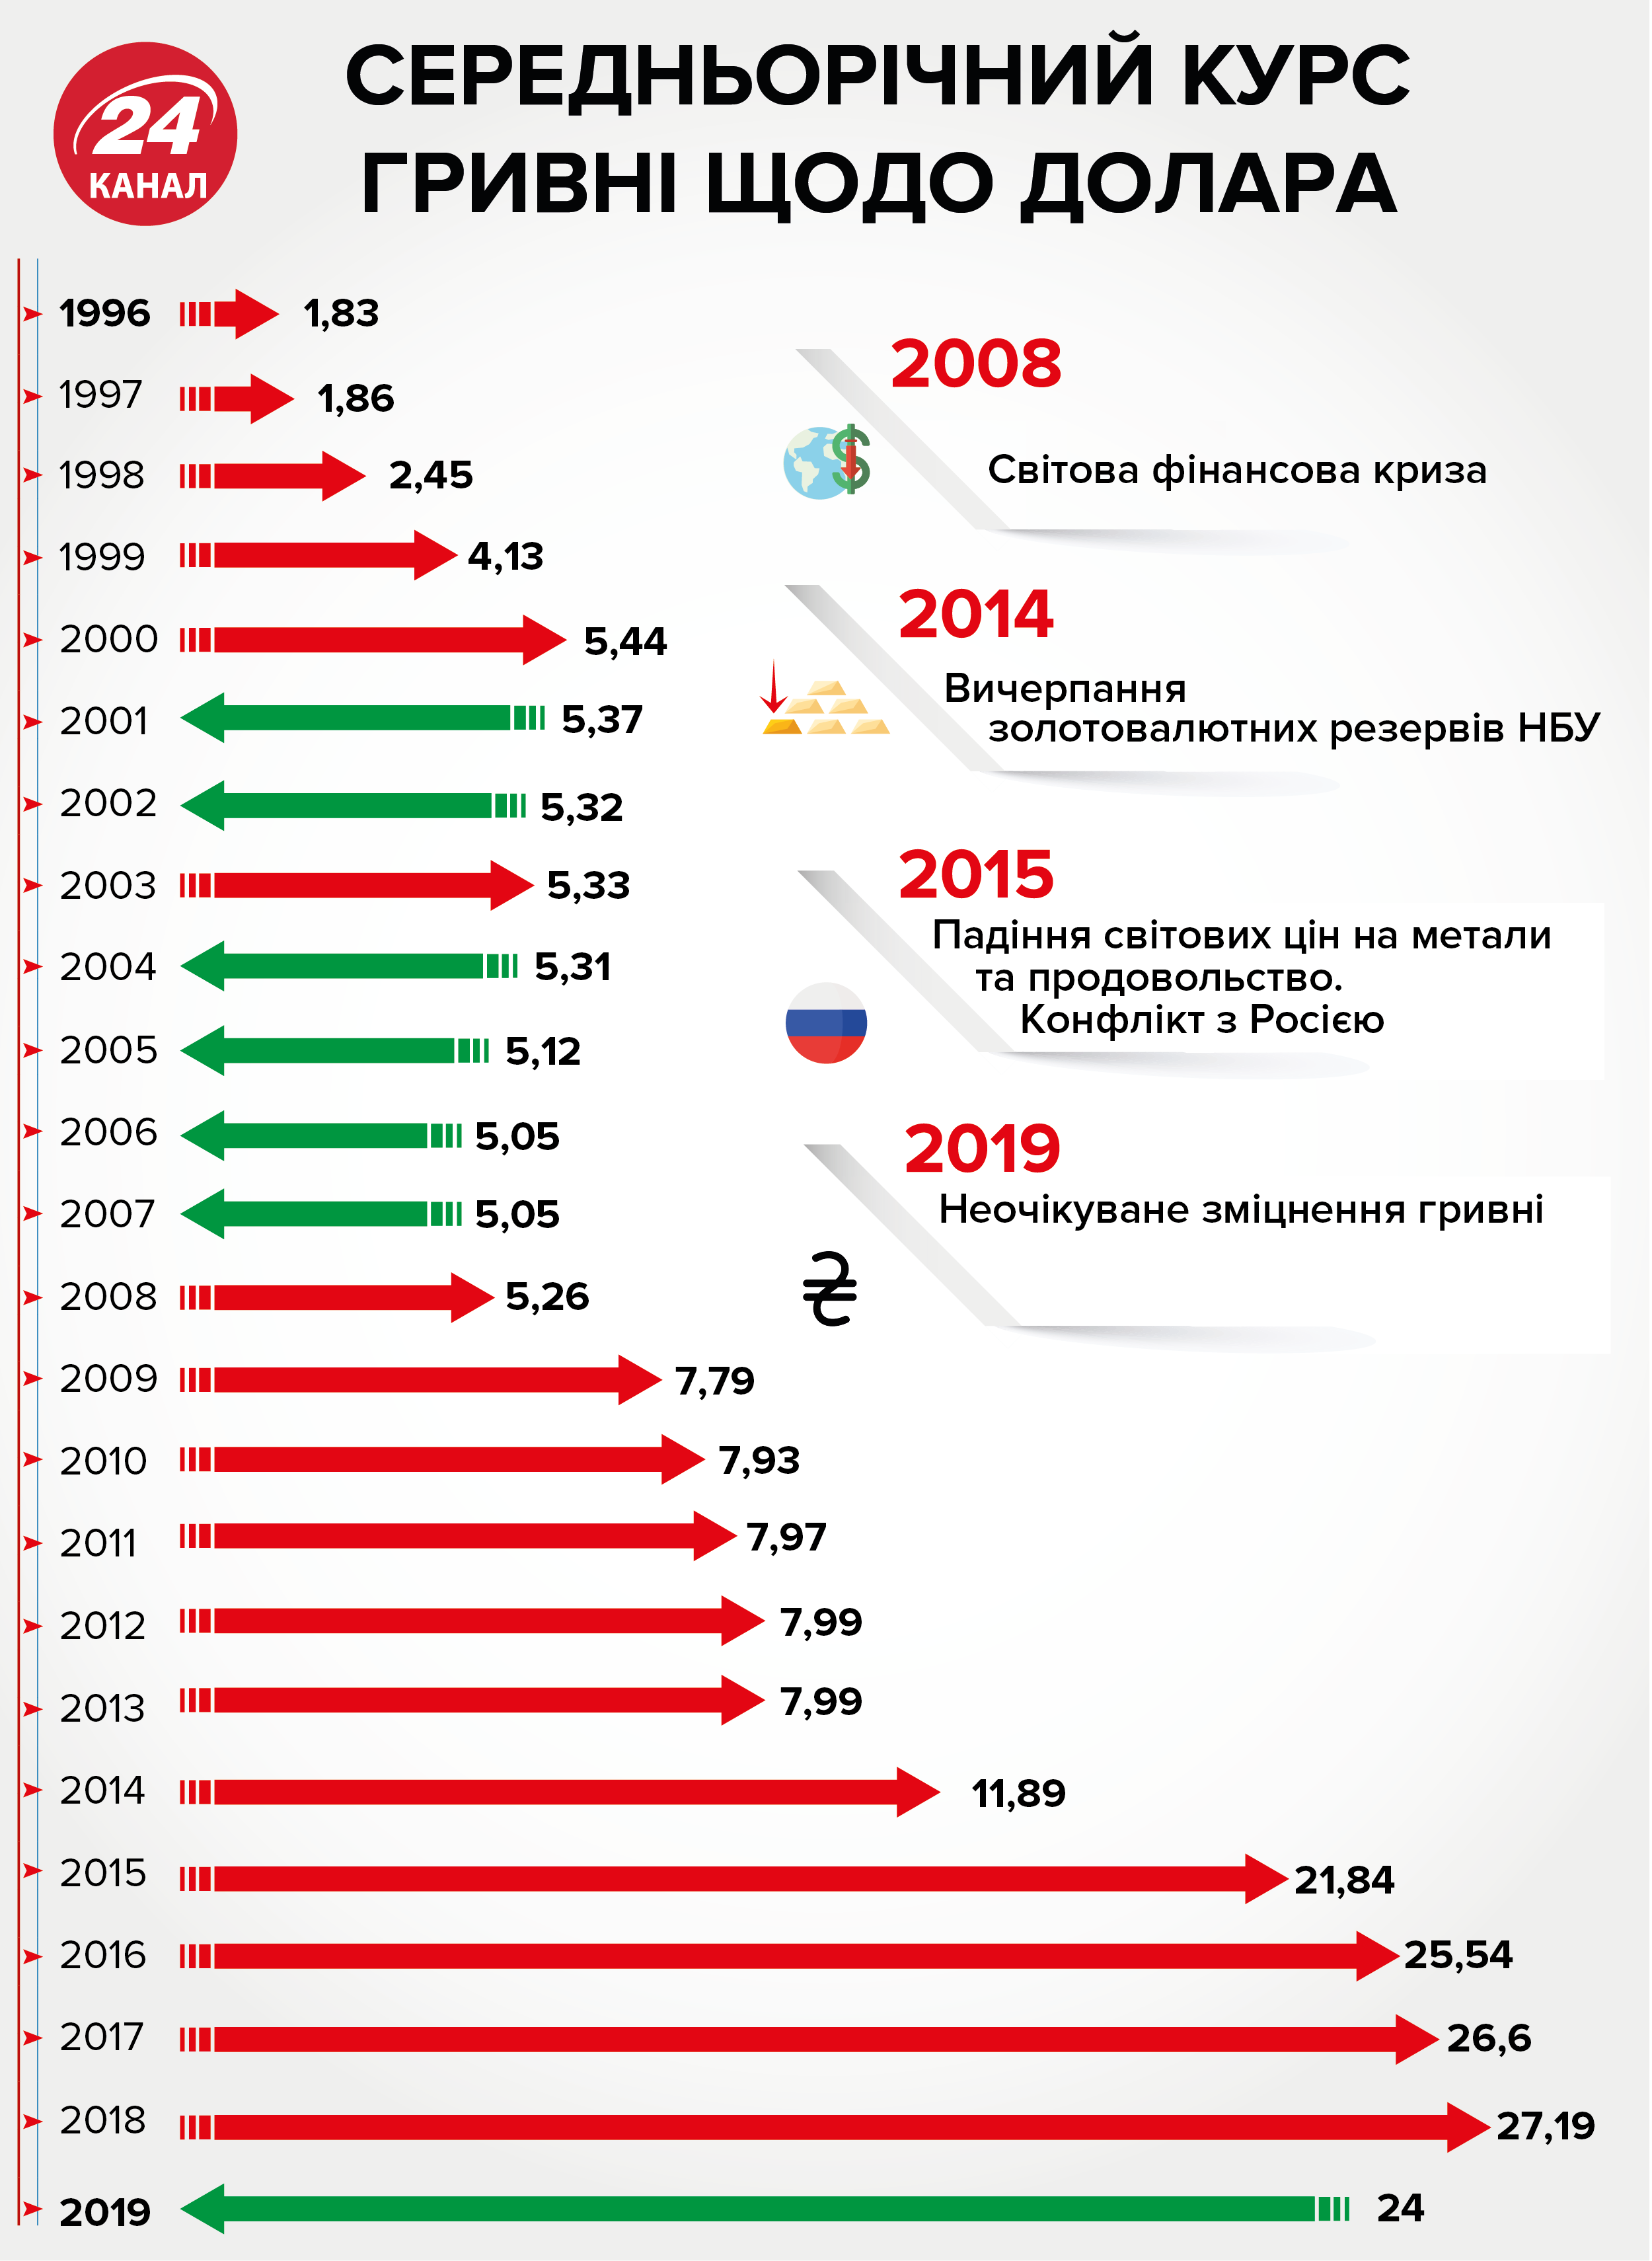 Як змінювався середньорічний курс долара